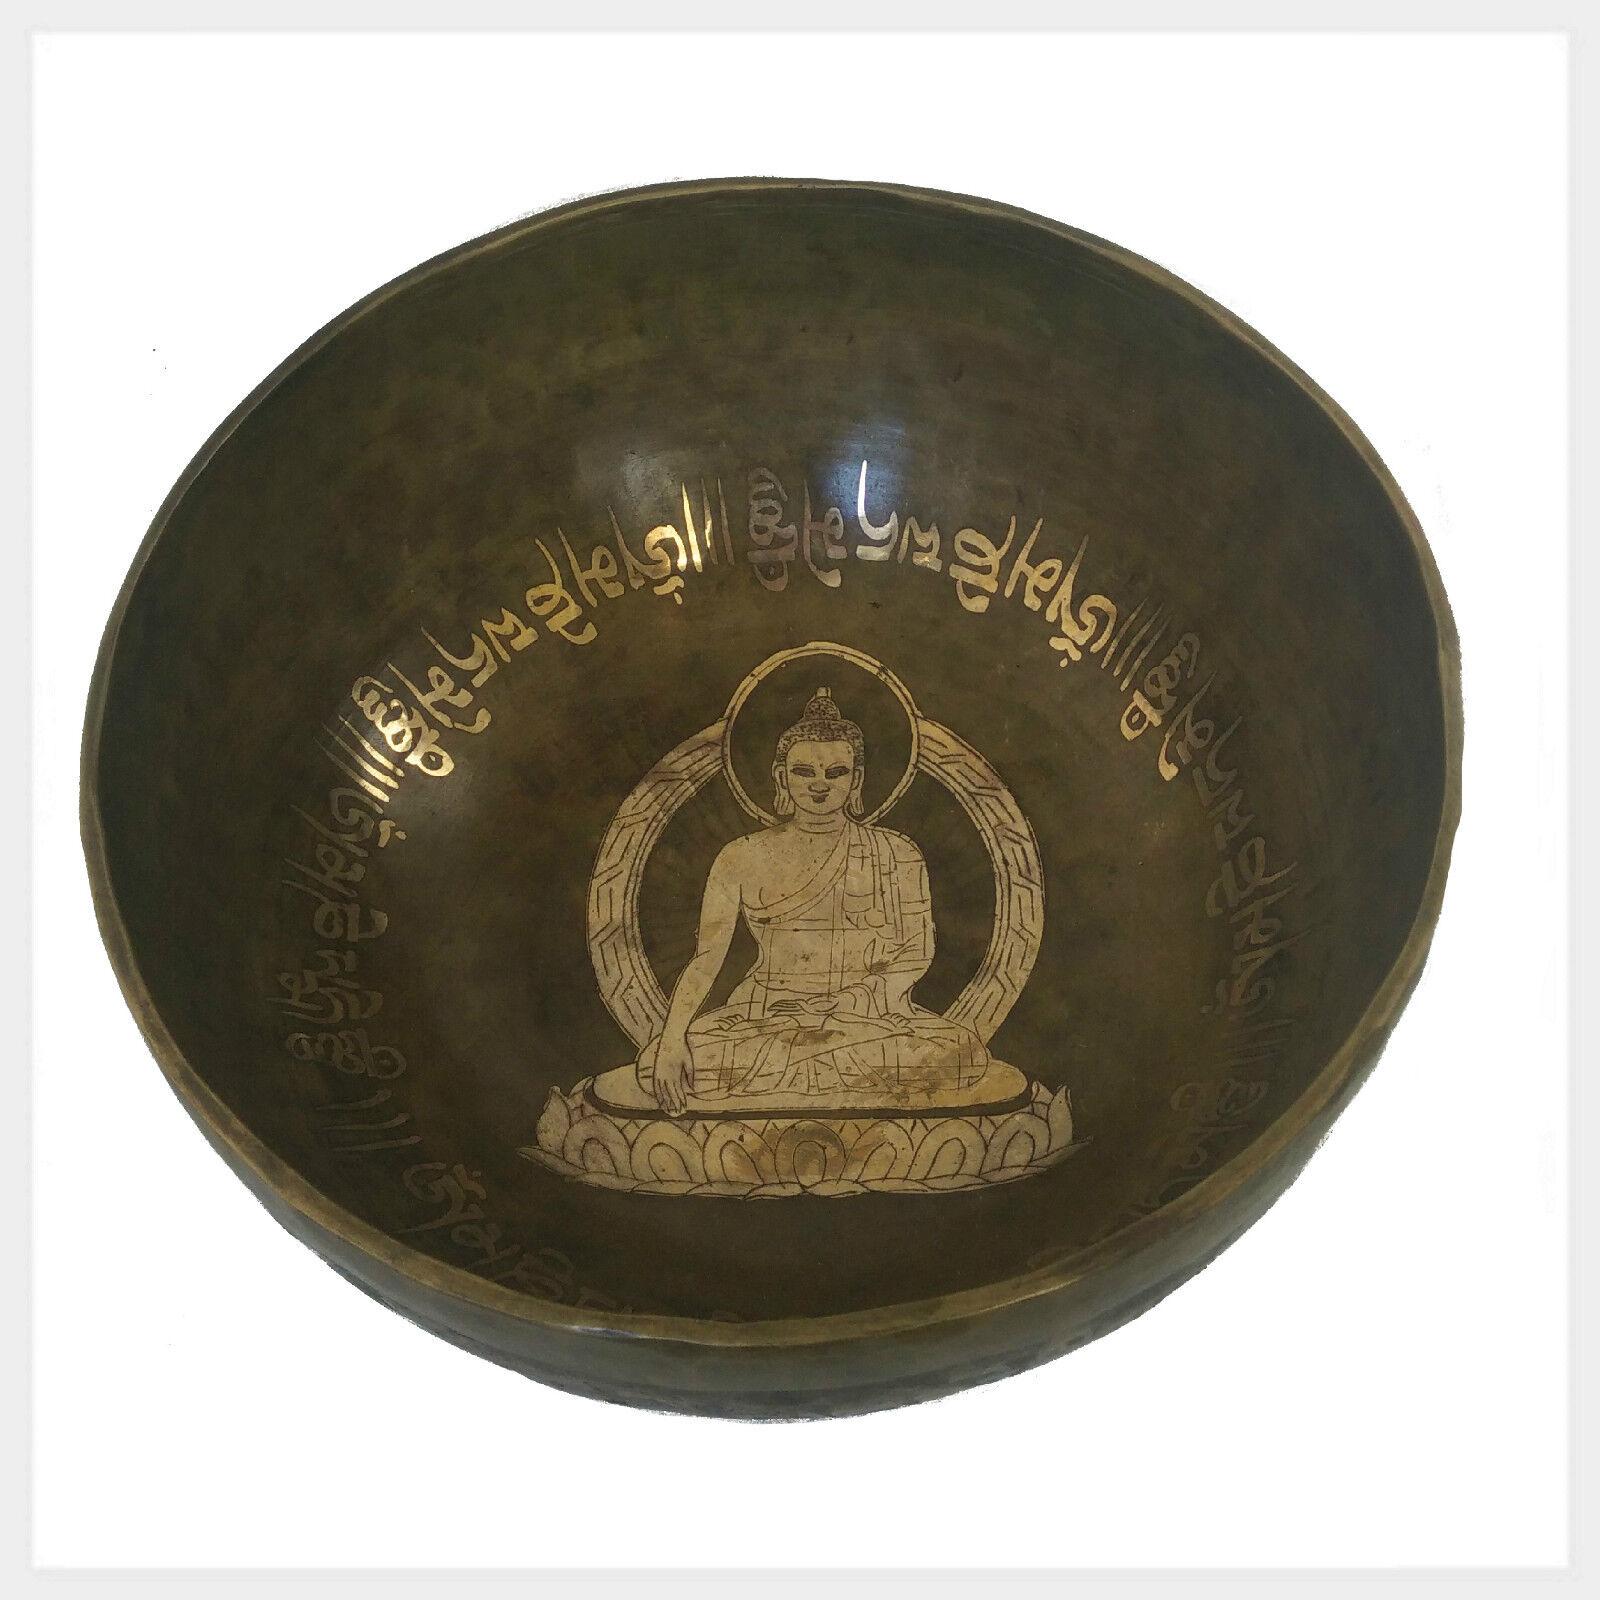 Nepal Klangschale Solar Plexus Wurzel Erleuchter Buddha 2090 Gramm 28cm Tibet